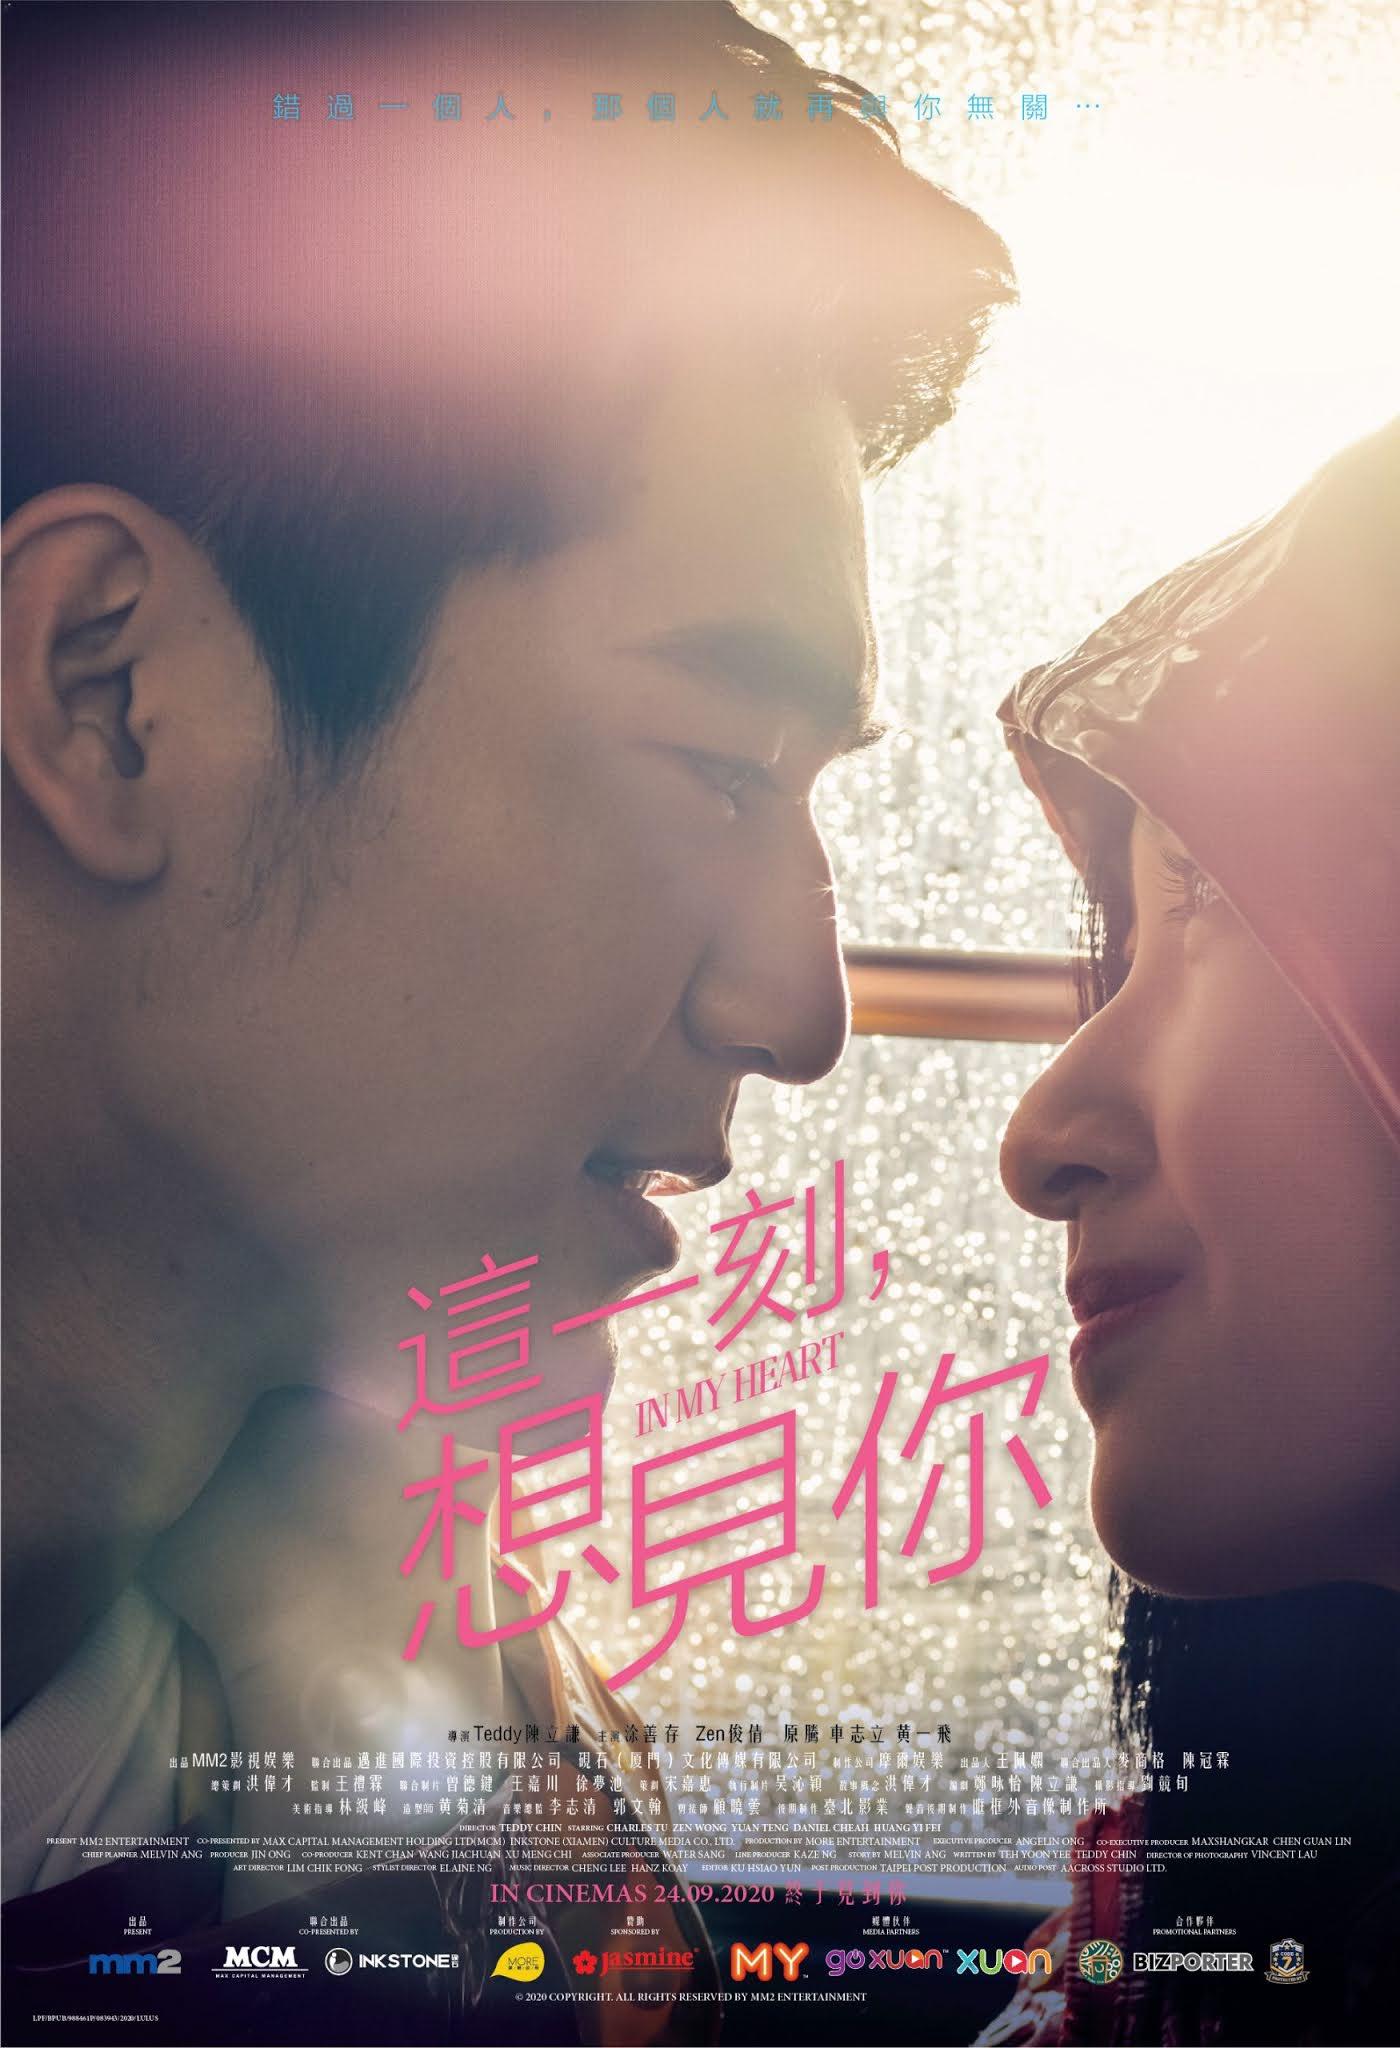 Khoảnh Khắc Này, Muốn Gặp Em - In My Heart (2020) (2020)